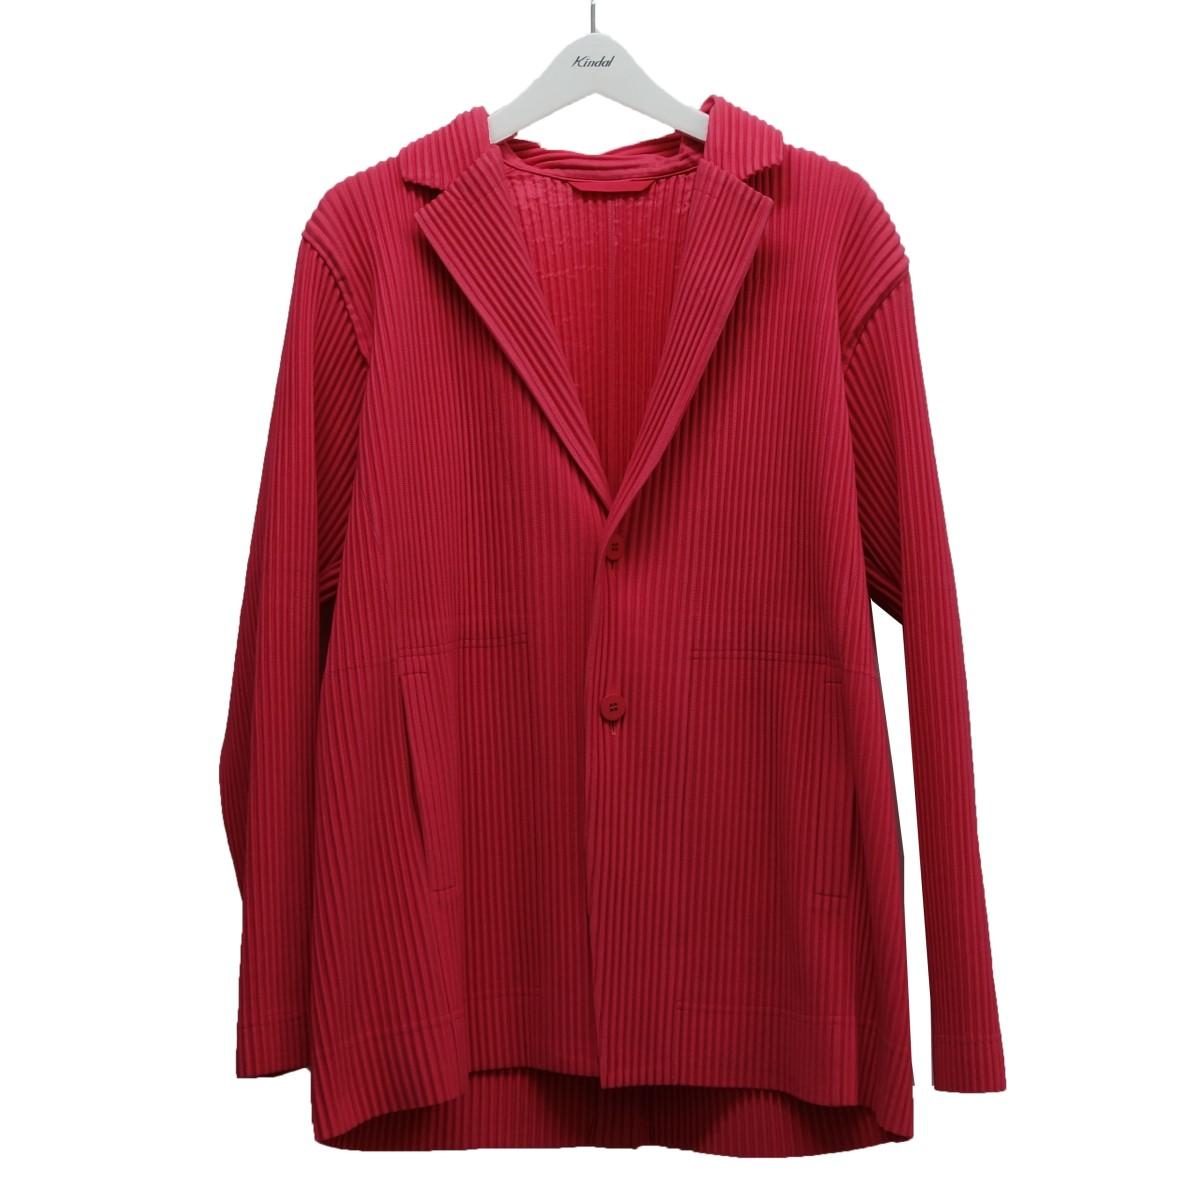 【中古】HOMME PLISSE ISSEY MIYAKE 20SS プリーツジャケット ピンク サイズ:3 【120720】(オム プリッセ イッセイ ミヤケ)